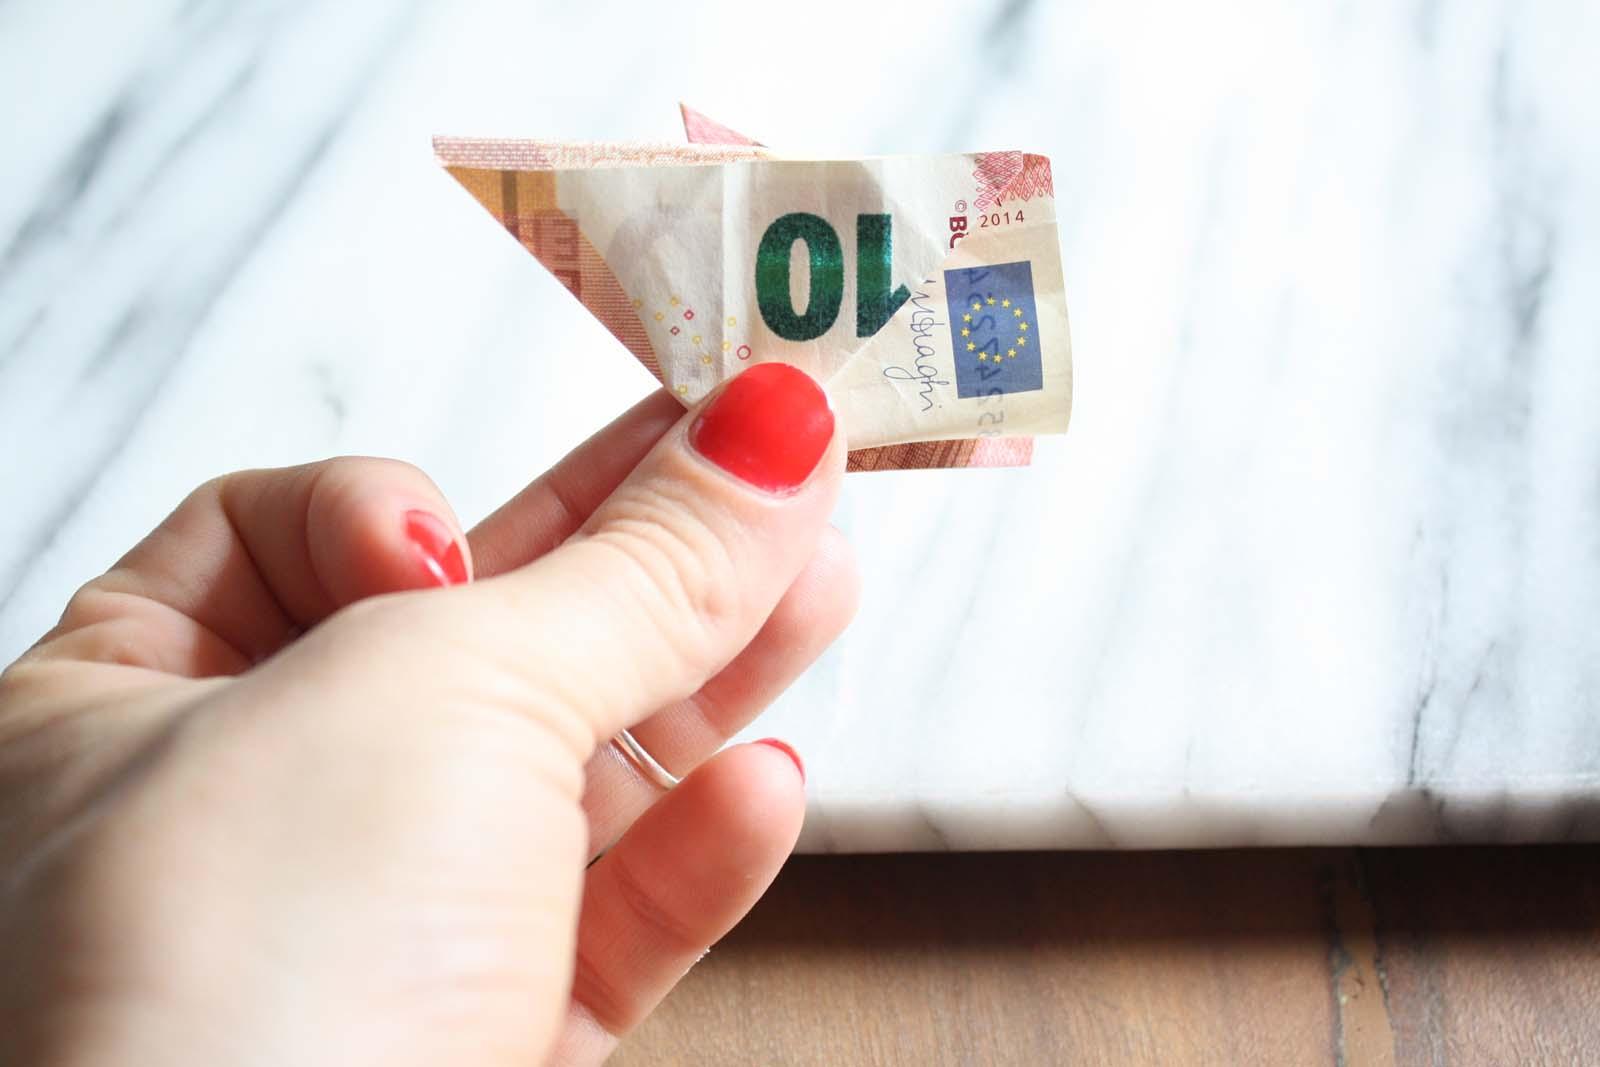 Geldscheine falten: Schweinchen -Dreieck andere Seite